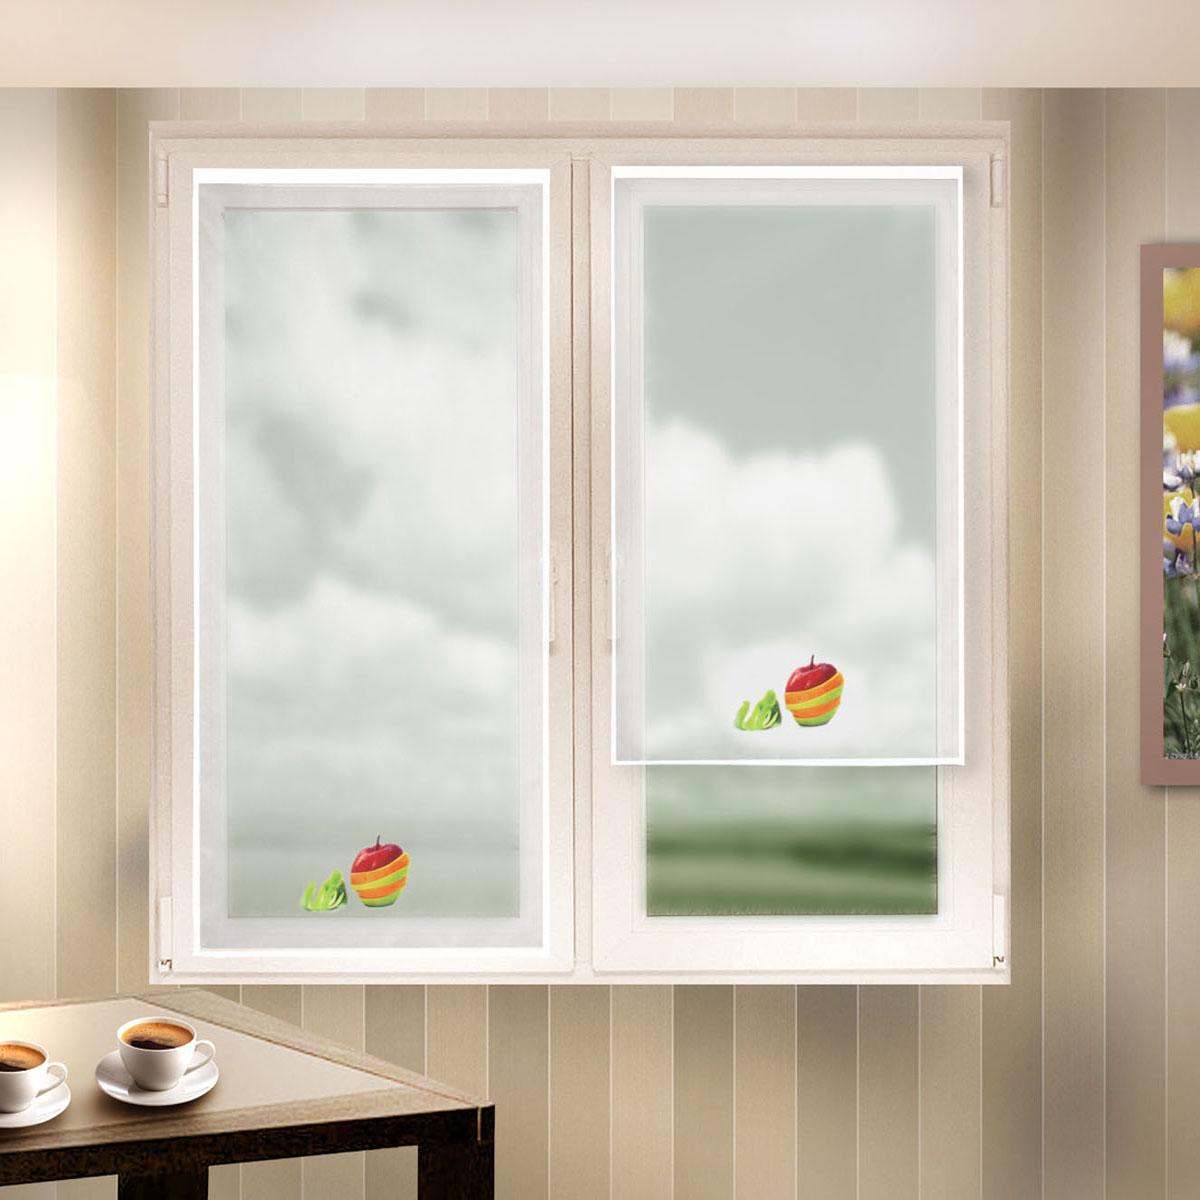 Гардина Zlata Korunka, на липкой ленте, цвет: белый, высота 140 см. 666041666041Гардина на липкой ленте Zlata Korunka, изготовленная из легкого полиэстера, станет великолепным украшением любого окна. Полотно из белой вуали с печатным рисунком привлечет к себе внимание и органично впишется в интерьер комнаты. Крепление на липкой ленте, не требующее сверления стен и карниза. Многоразовое и мгновенное крепление.